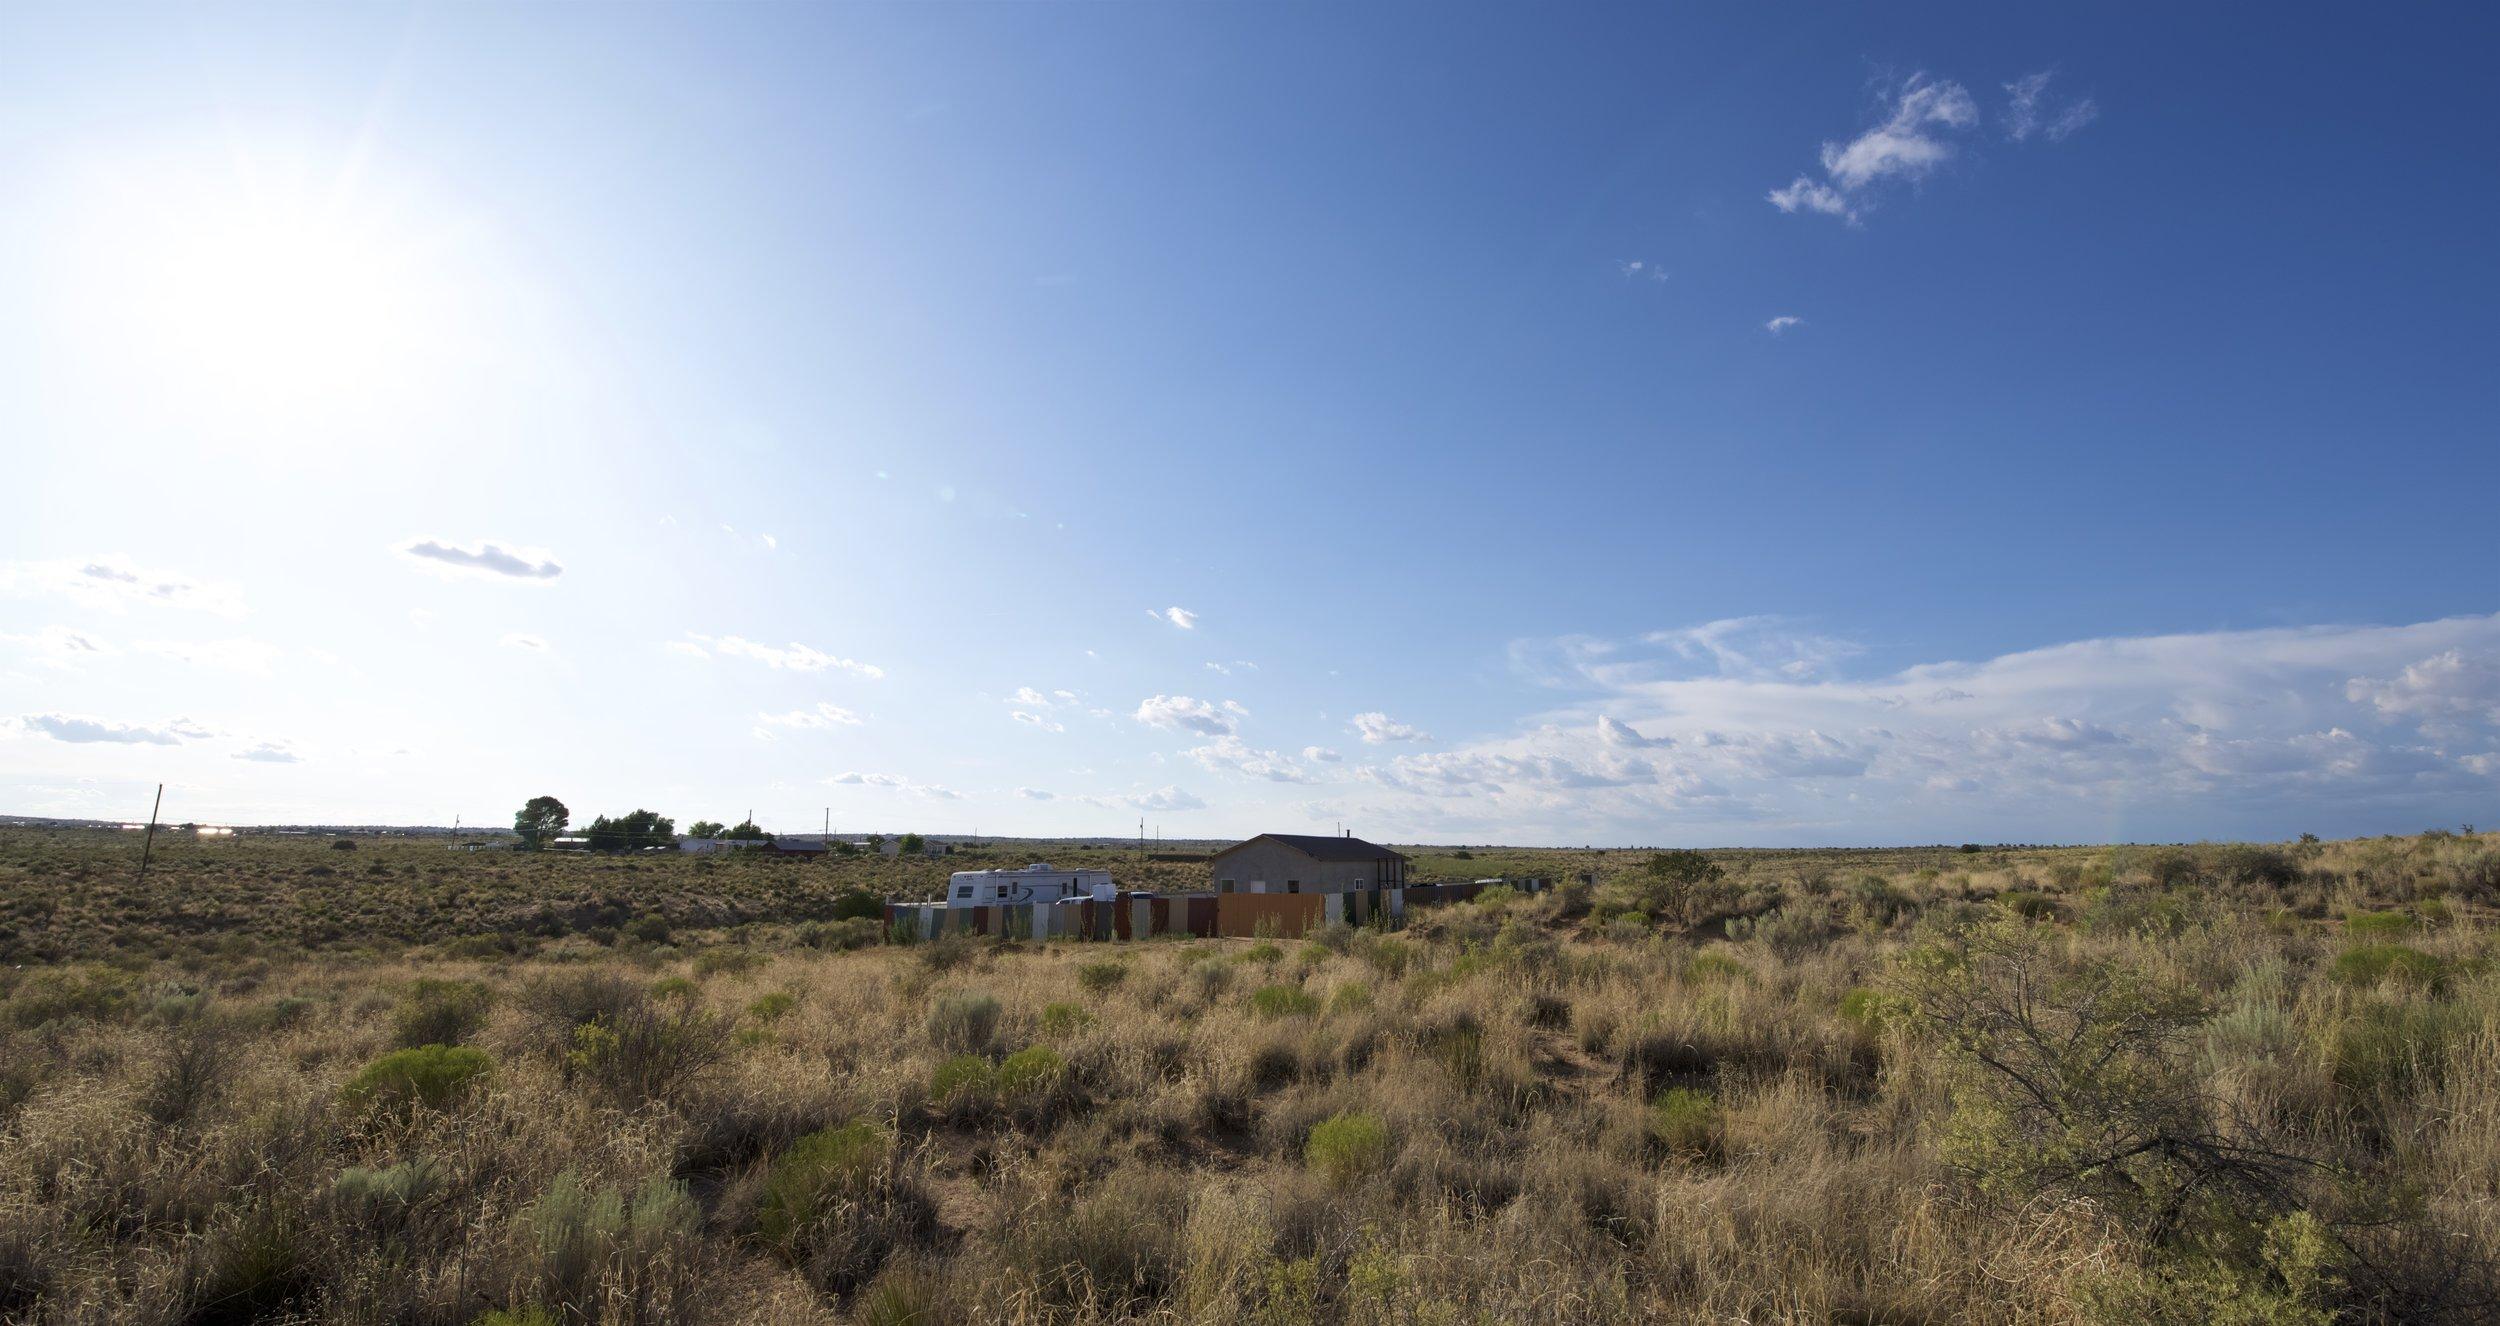 SNNM-BFG-rio-rancho-132730.jpg